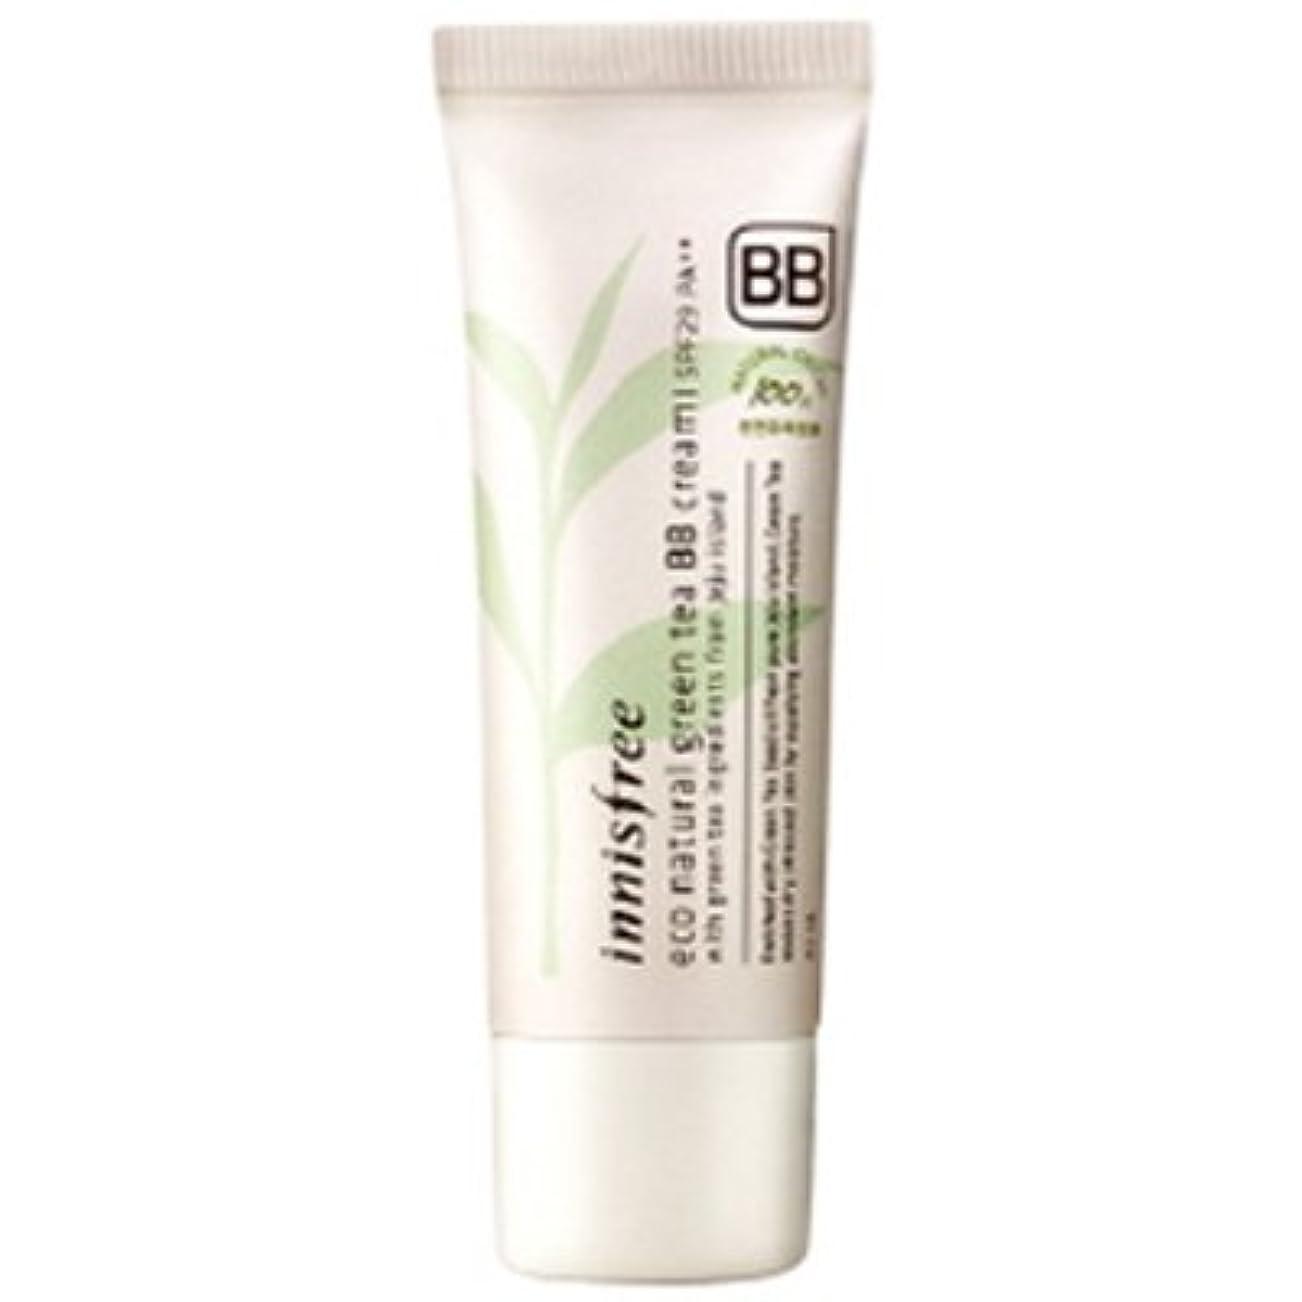 金銭的足科学的innisfree(イニスフリー) Eco natural green tea BB cream エコ ナチュラル グリーン ティー BB クリーム SPF29/PA++ 40ml #1:ライトベージュ